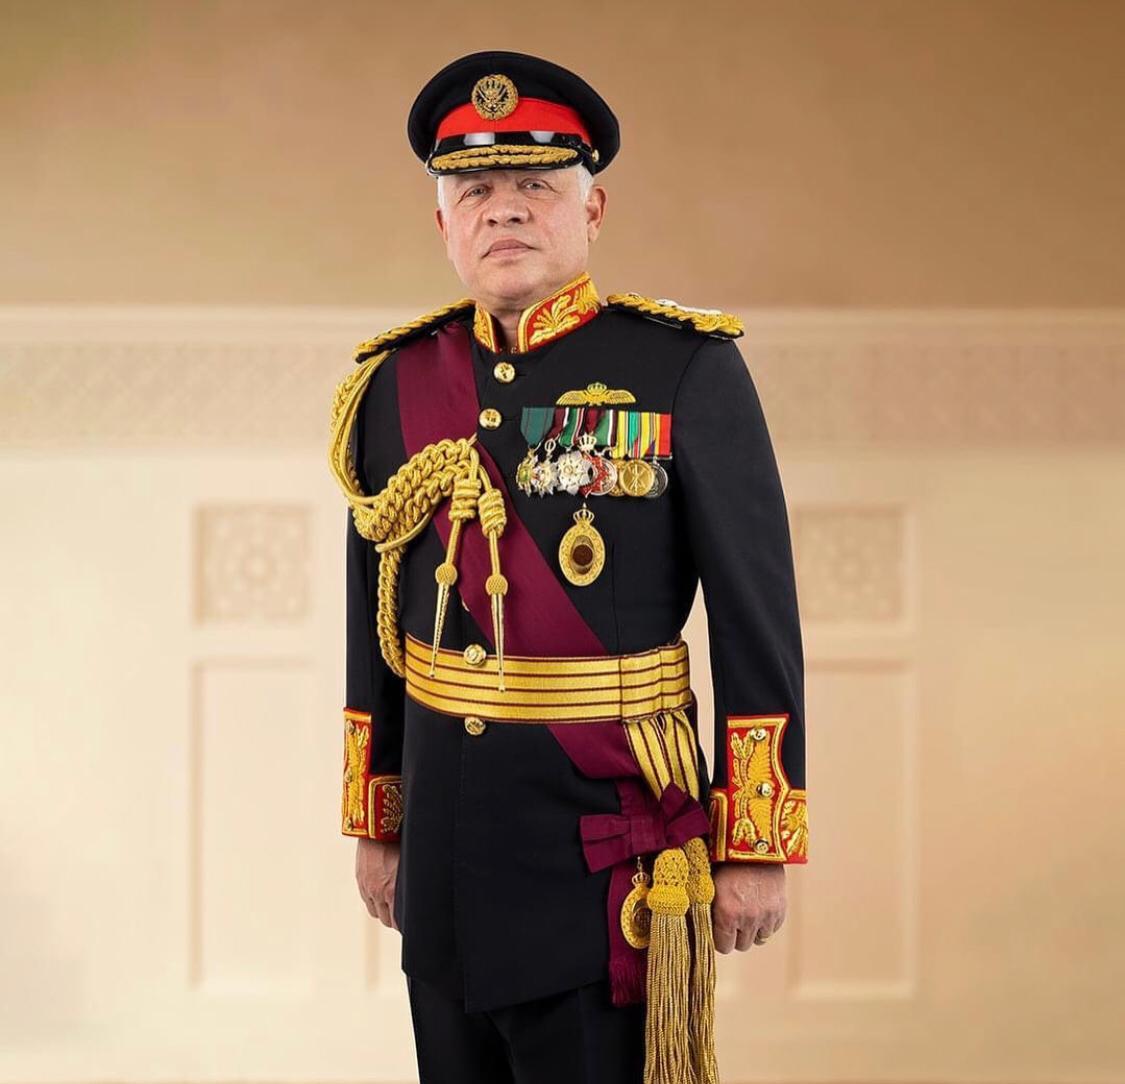 وزير الأشغال يهنئ الملك بعيد الجلوس